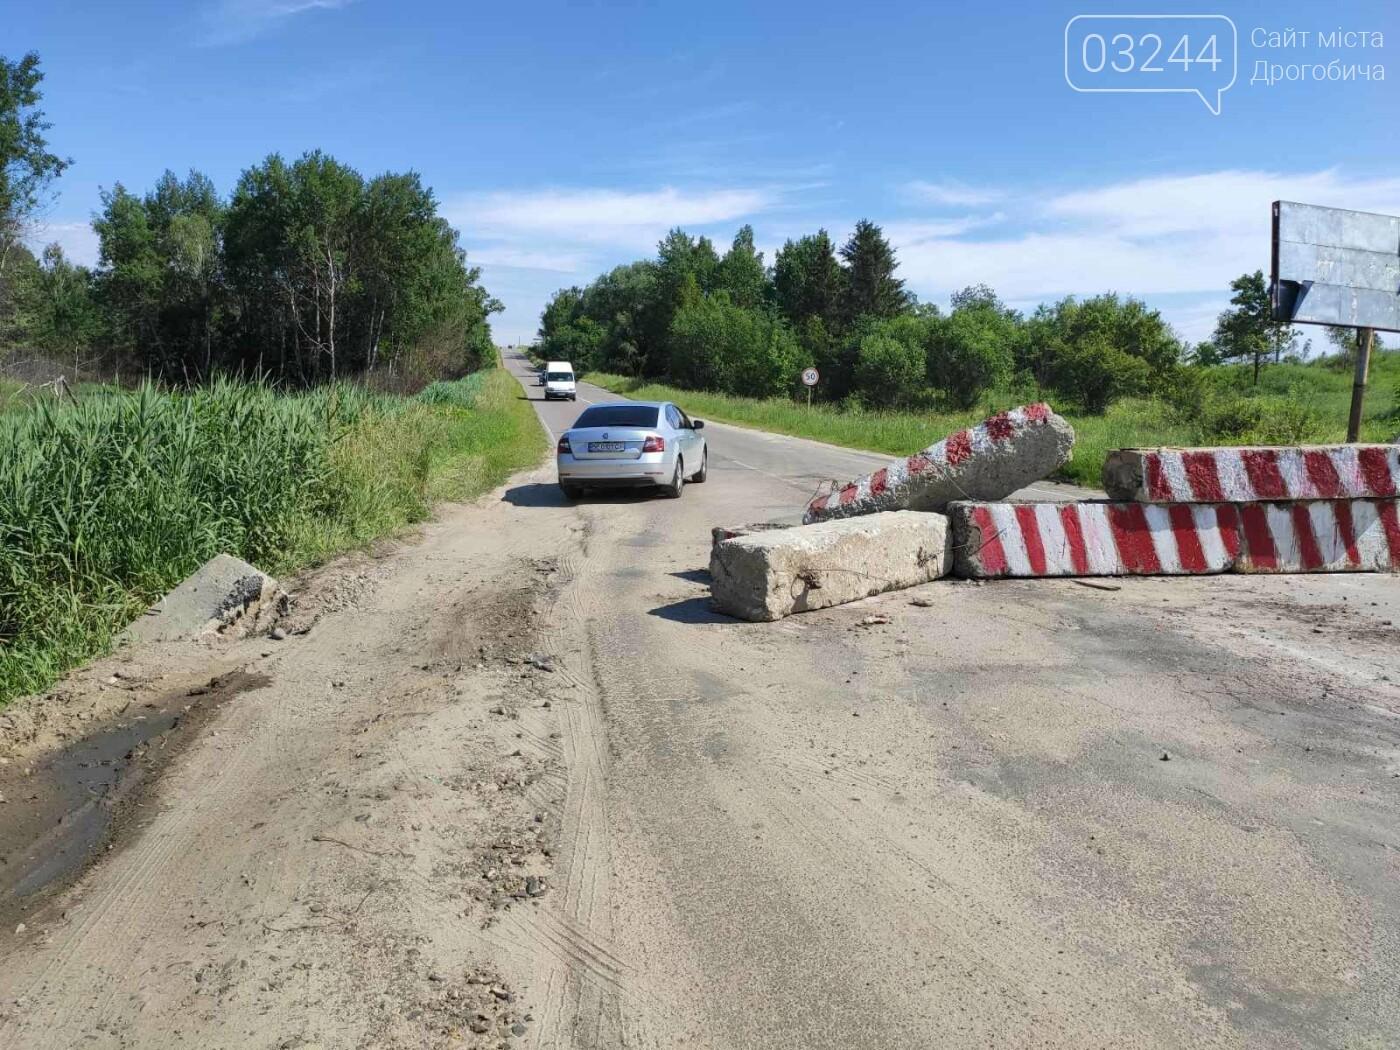 Дорогу на Трускавець вчергове відкрили: вночі відсунули бетонні блоки, - ФОТО, фото-4